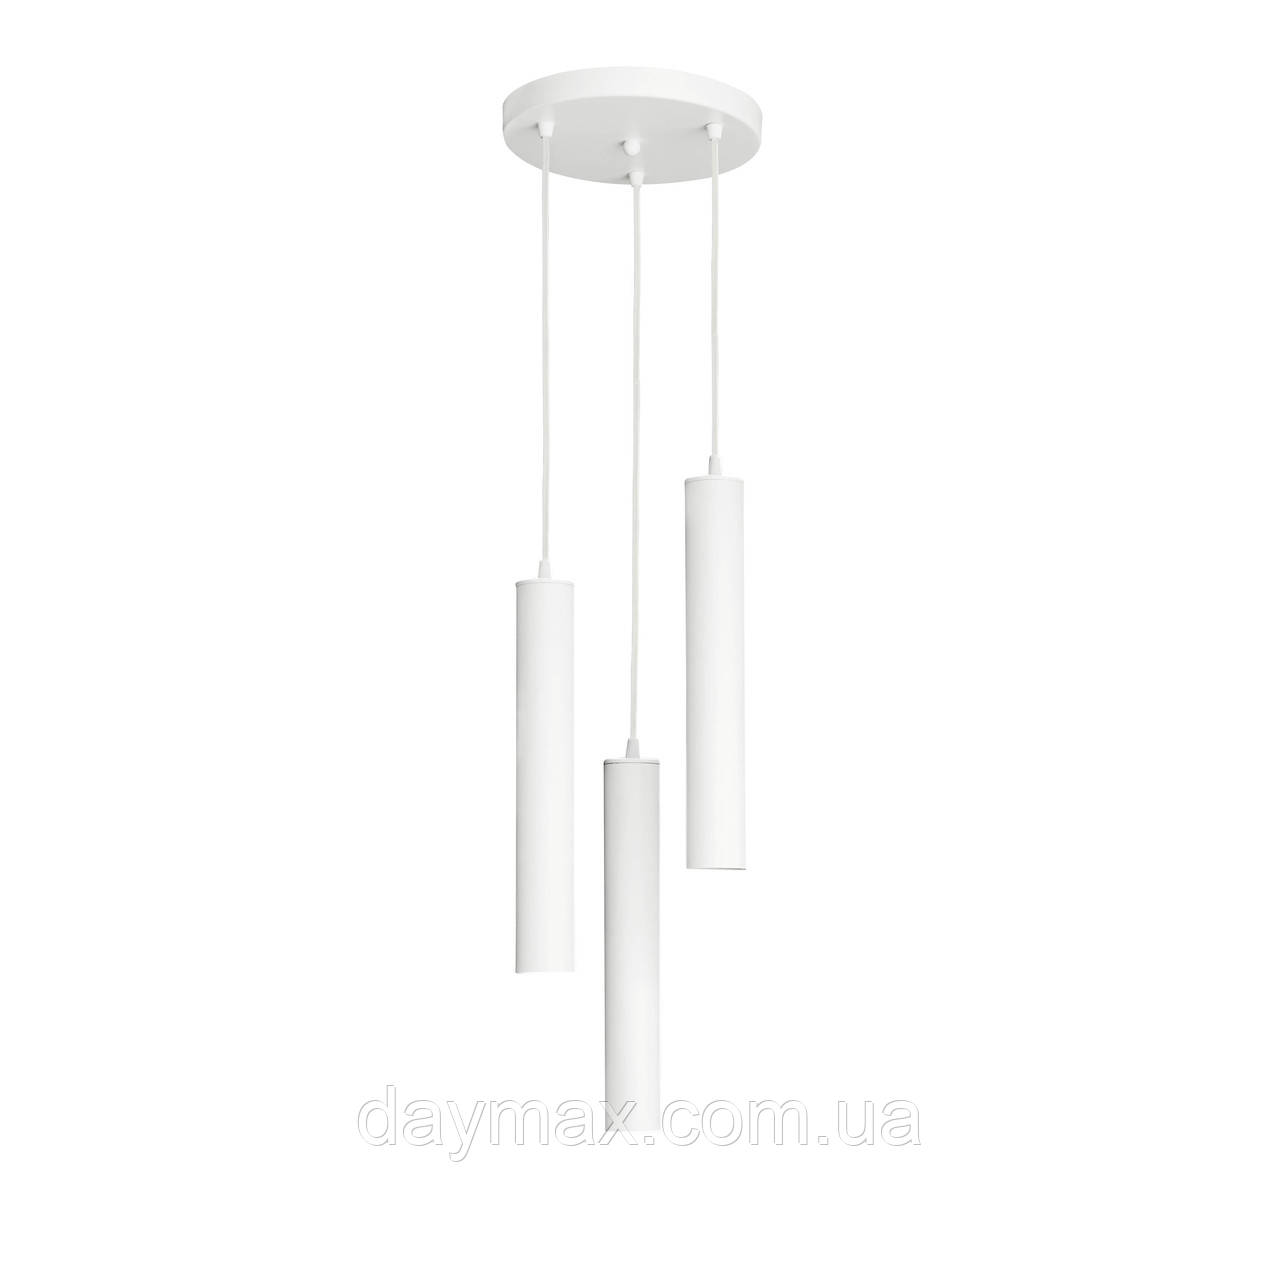 Светильник подвесной  Трубка  NL 3522-3R W  MSK Electric